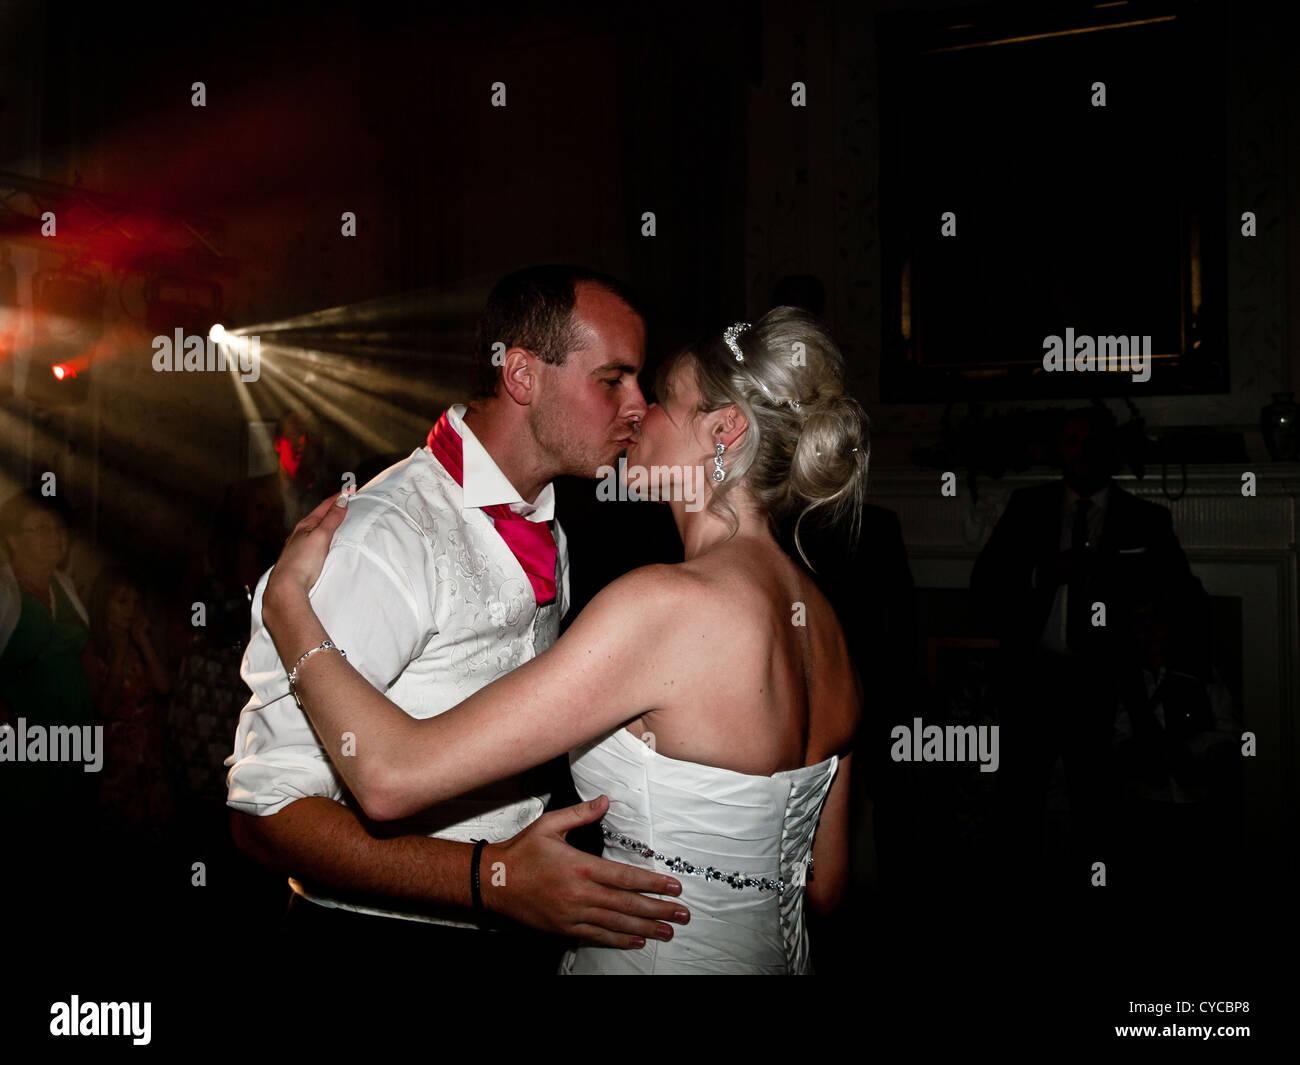 Eine Braut und Bräutigam küssen sich während des ersten Tanzes am Tag ihrer Hochzeit romantisch. Stockbild